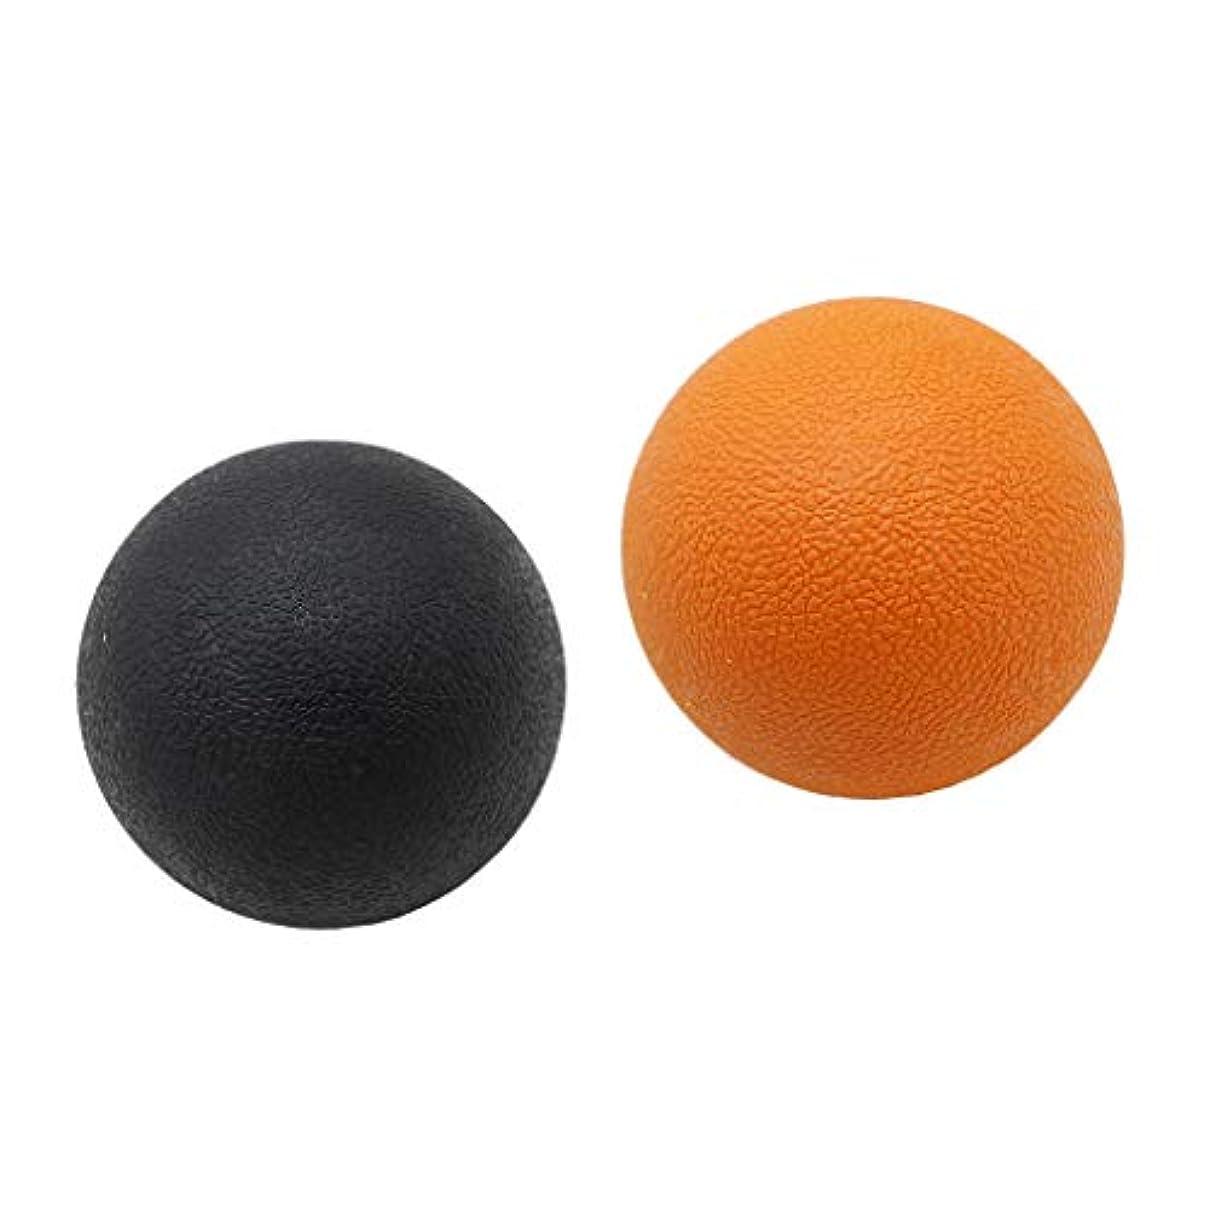 フィクションその結果年齢マッサージボール トリガーポイント ストレッチボール トレーニング 背中 肩 腰 マッサージ 多色選べる - オレンジブラック